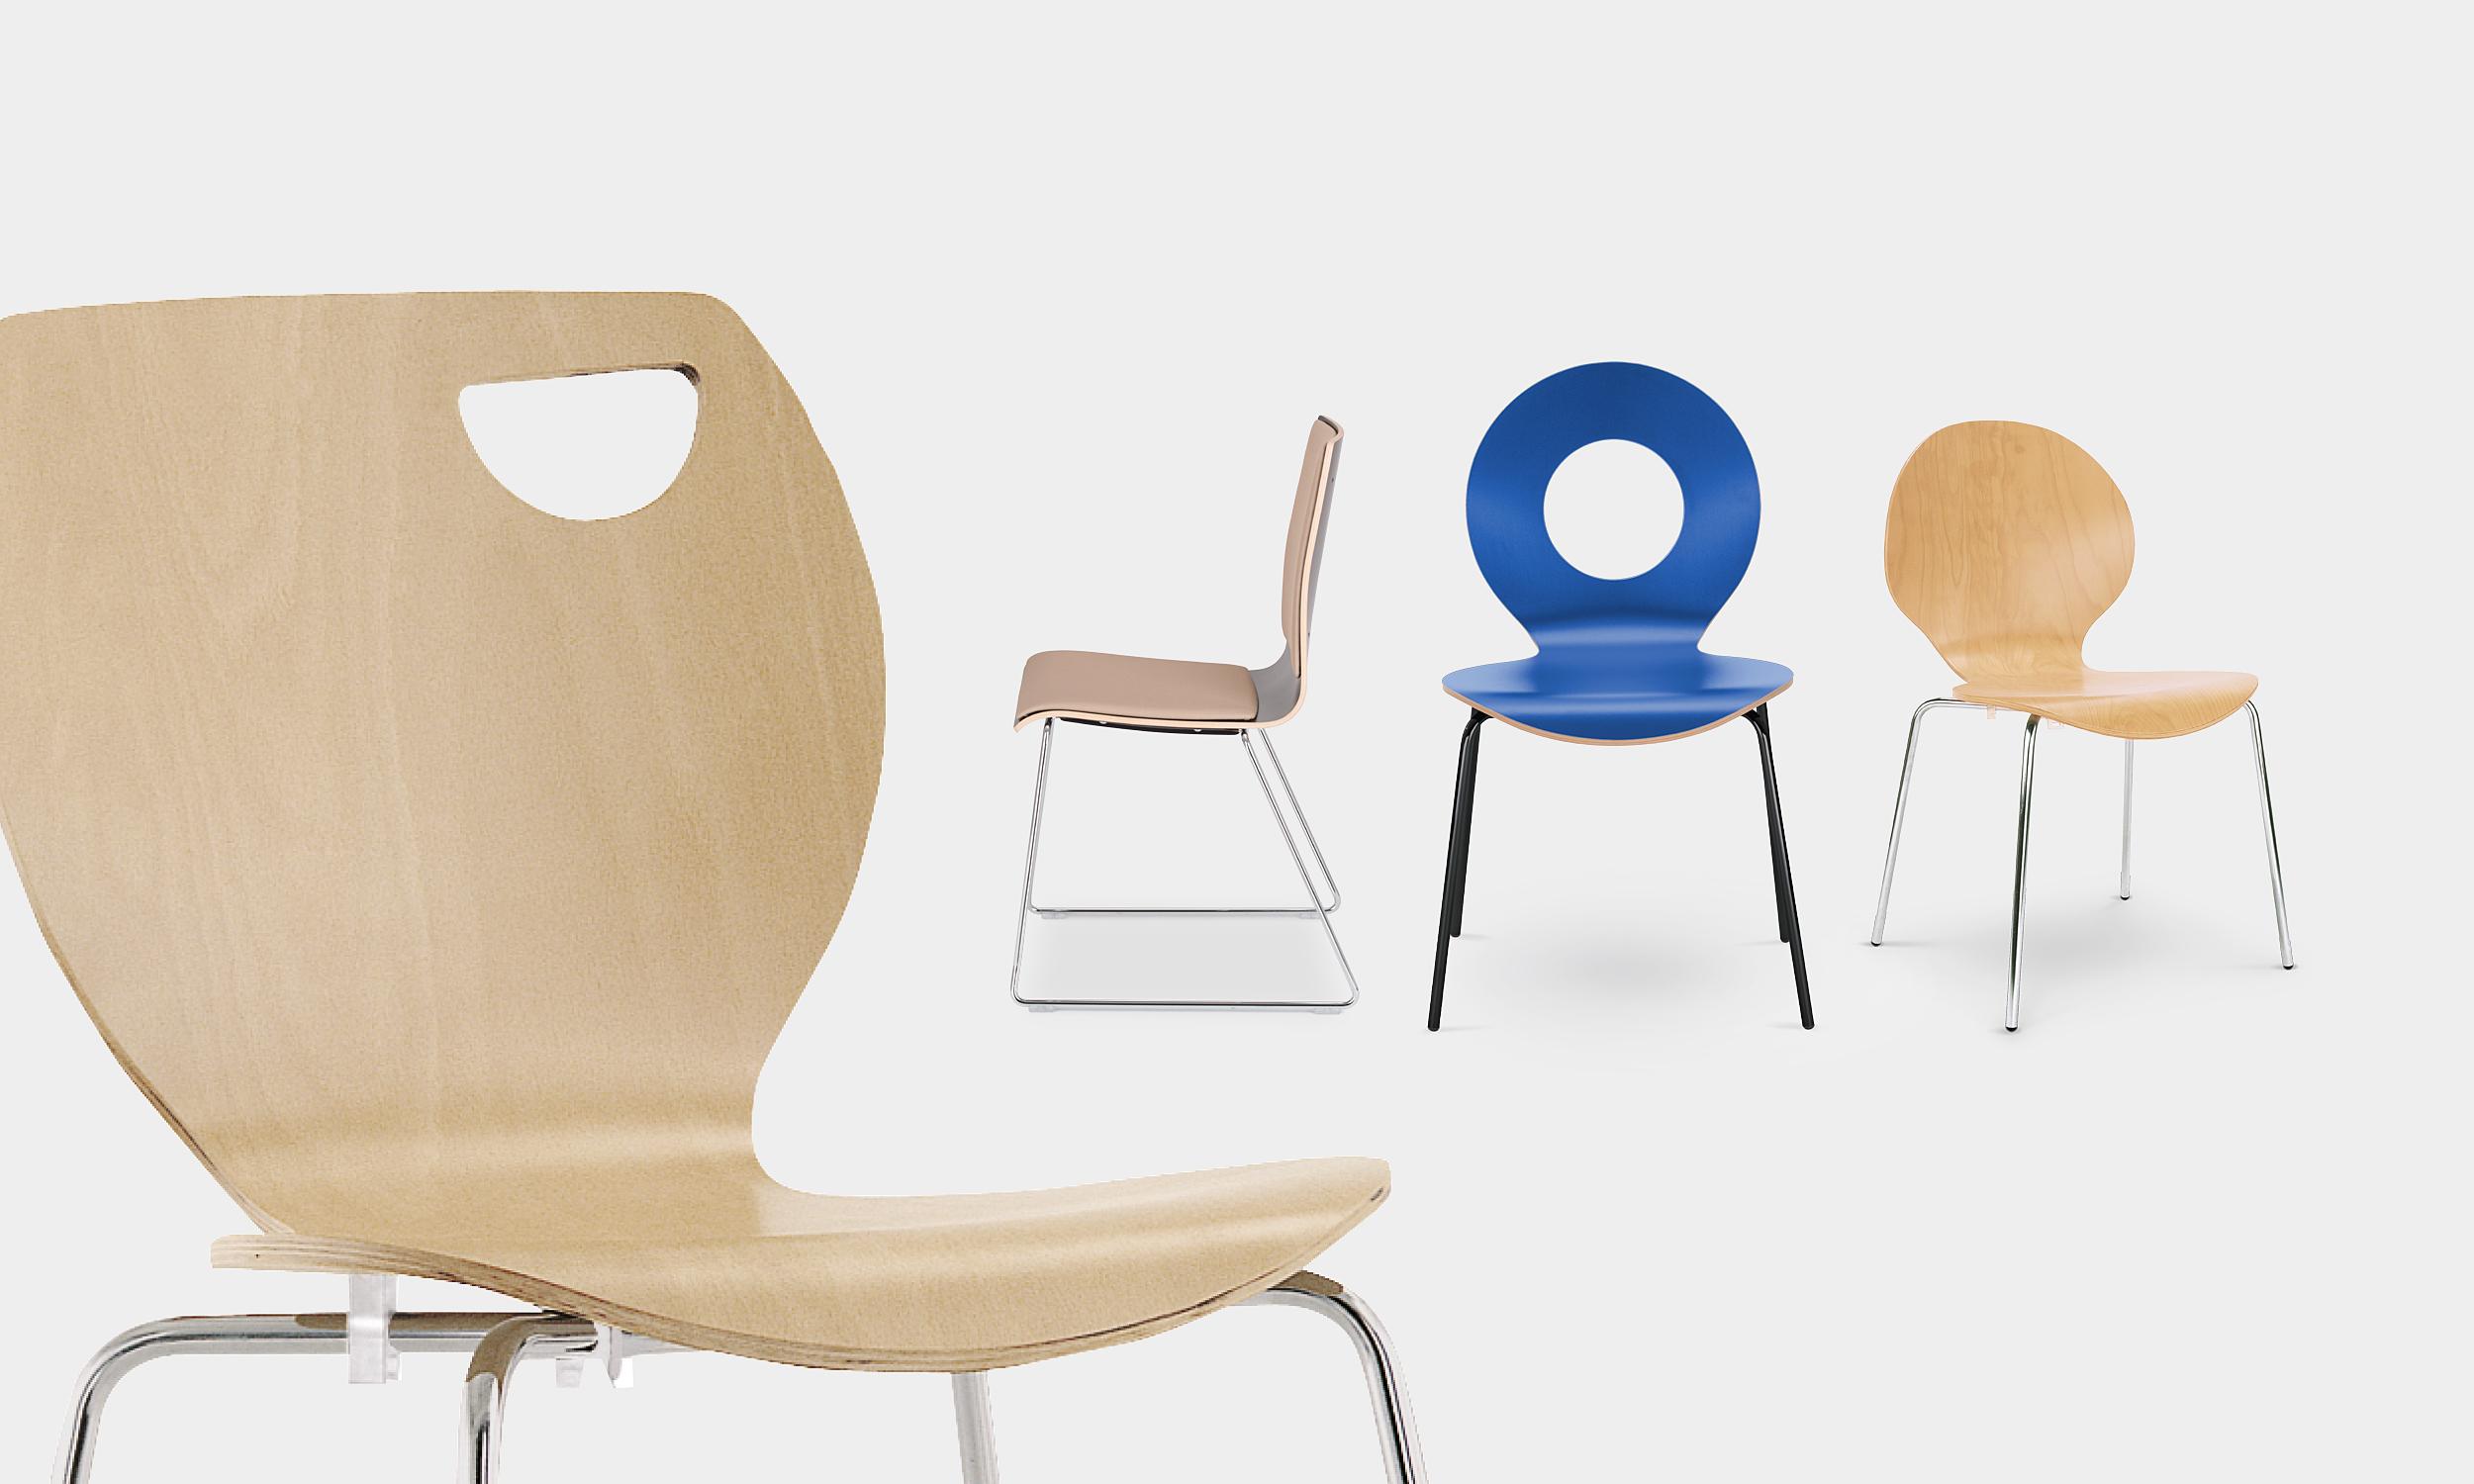 krzesło_Cafe02